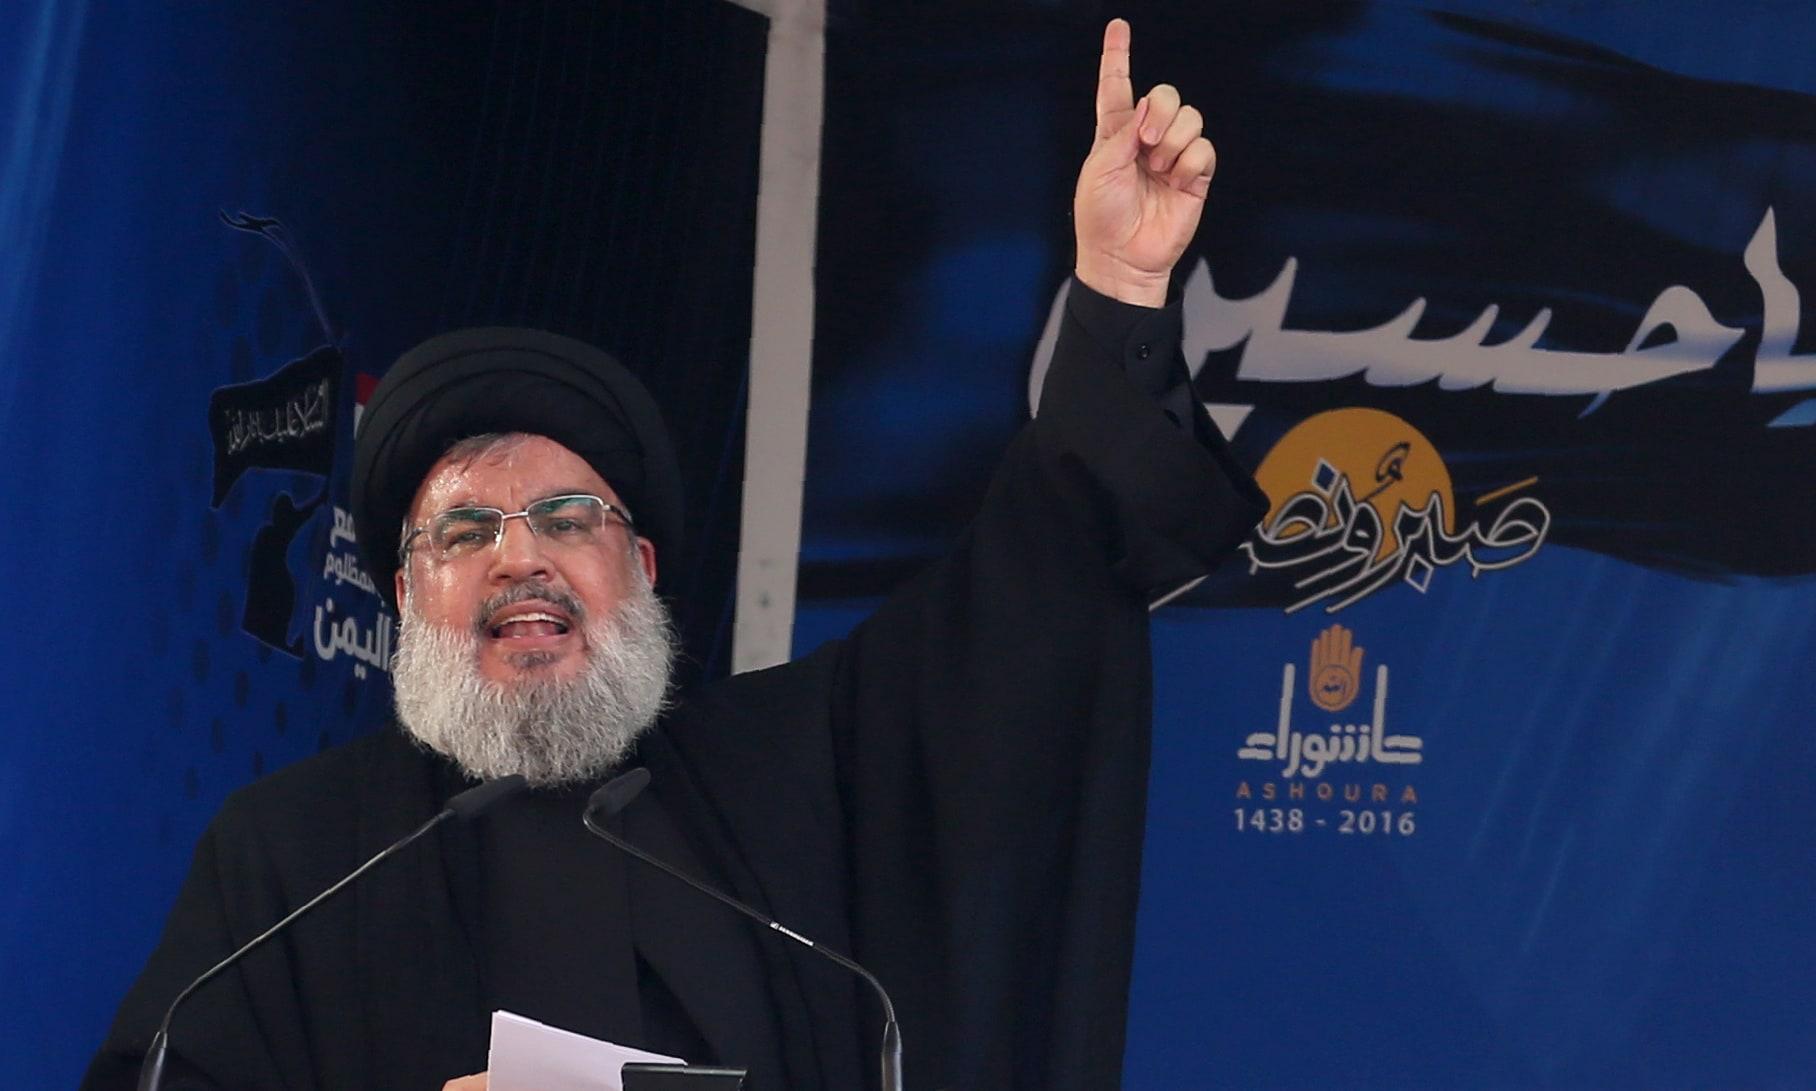 بعد أنباء عن تدهور وضعه الصحي.. نصرالله في ظهور جديد: لدي أمل بالصلاة في المسجد الأقصى